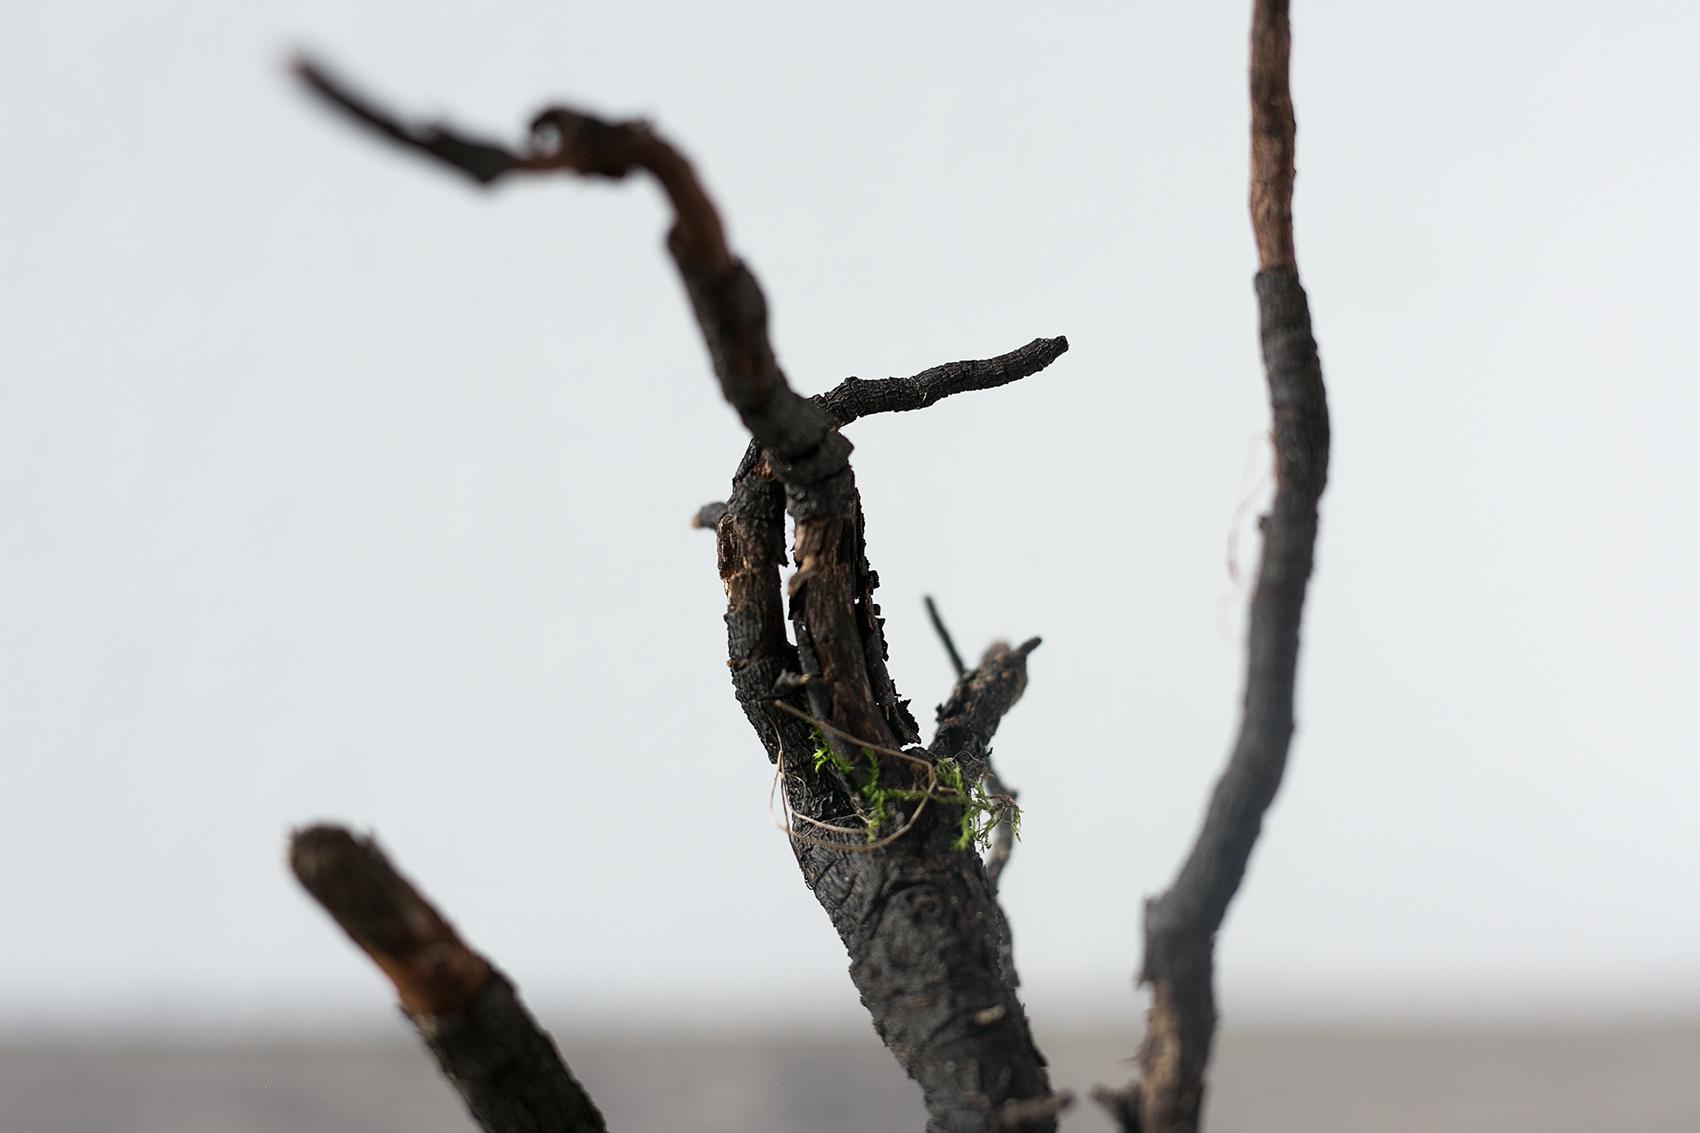 Wurzeln mit Moos Beton Baum DIY Projekt